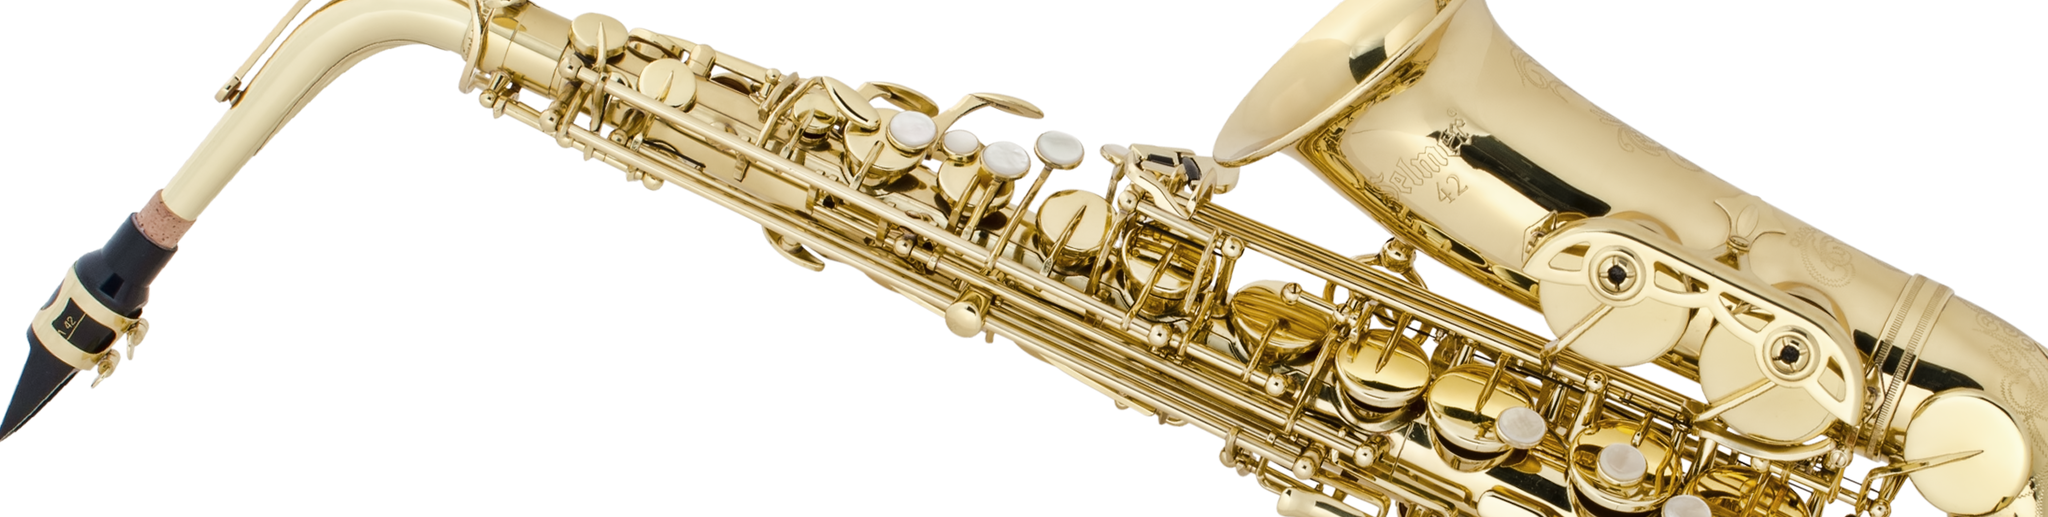 New Alto Saxophones